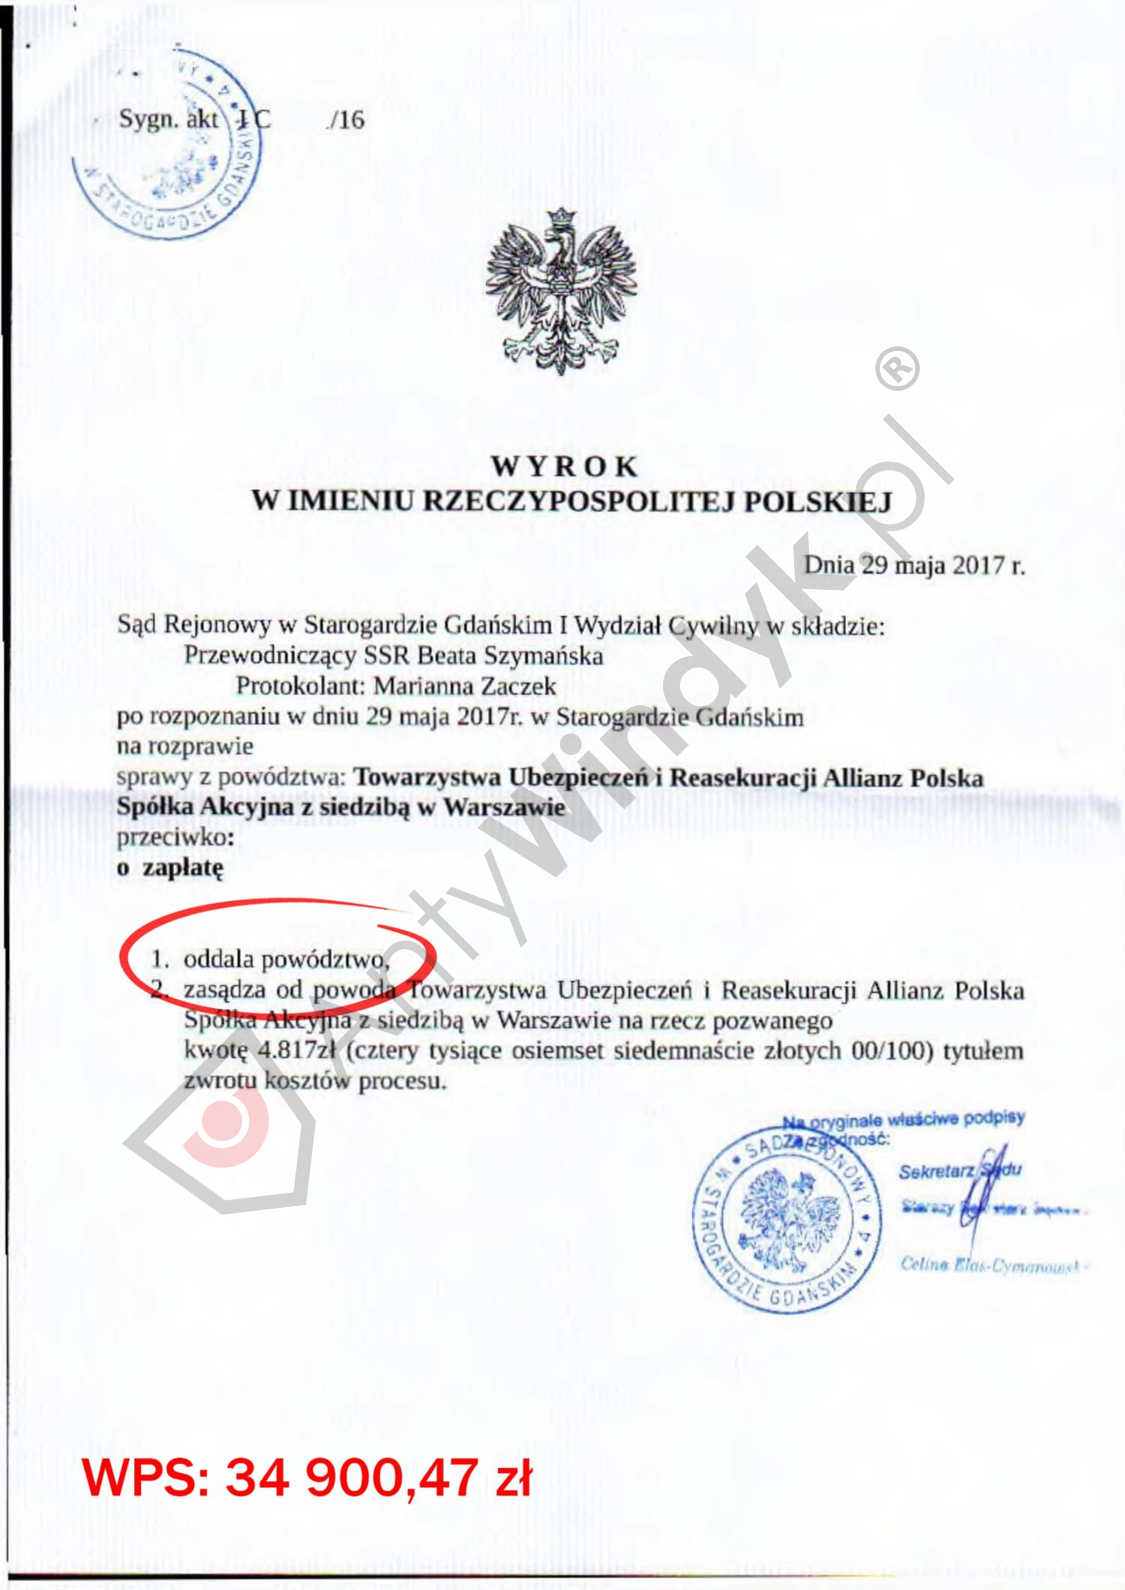 WYROK – TU Allianz – oddalenie powództwa w całości